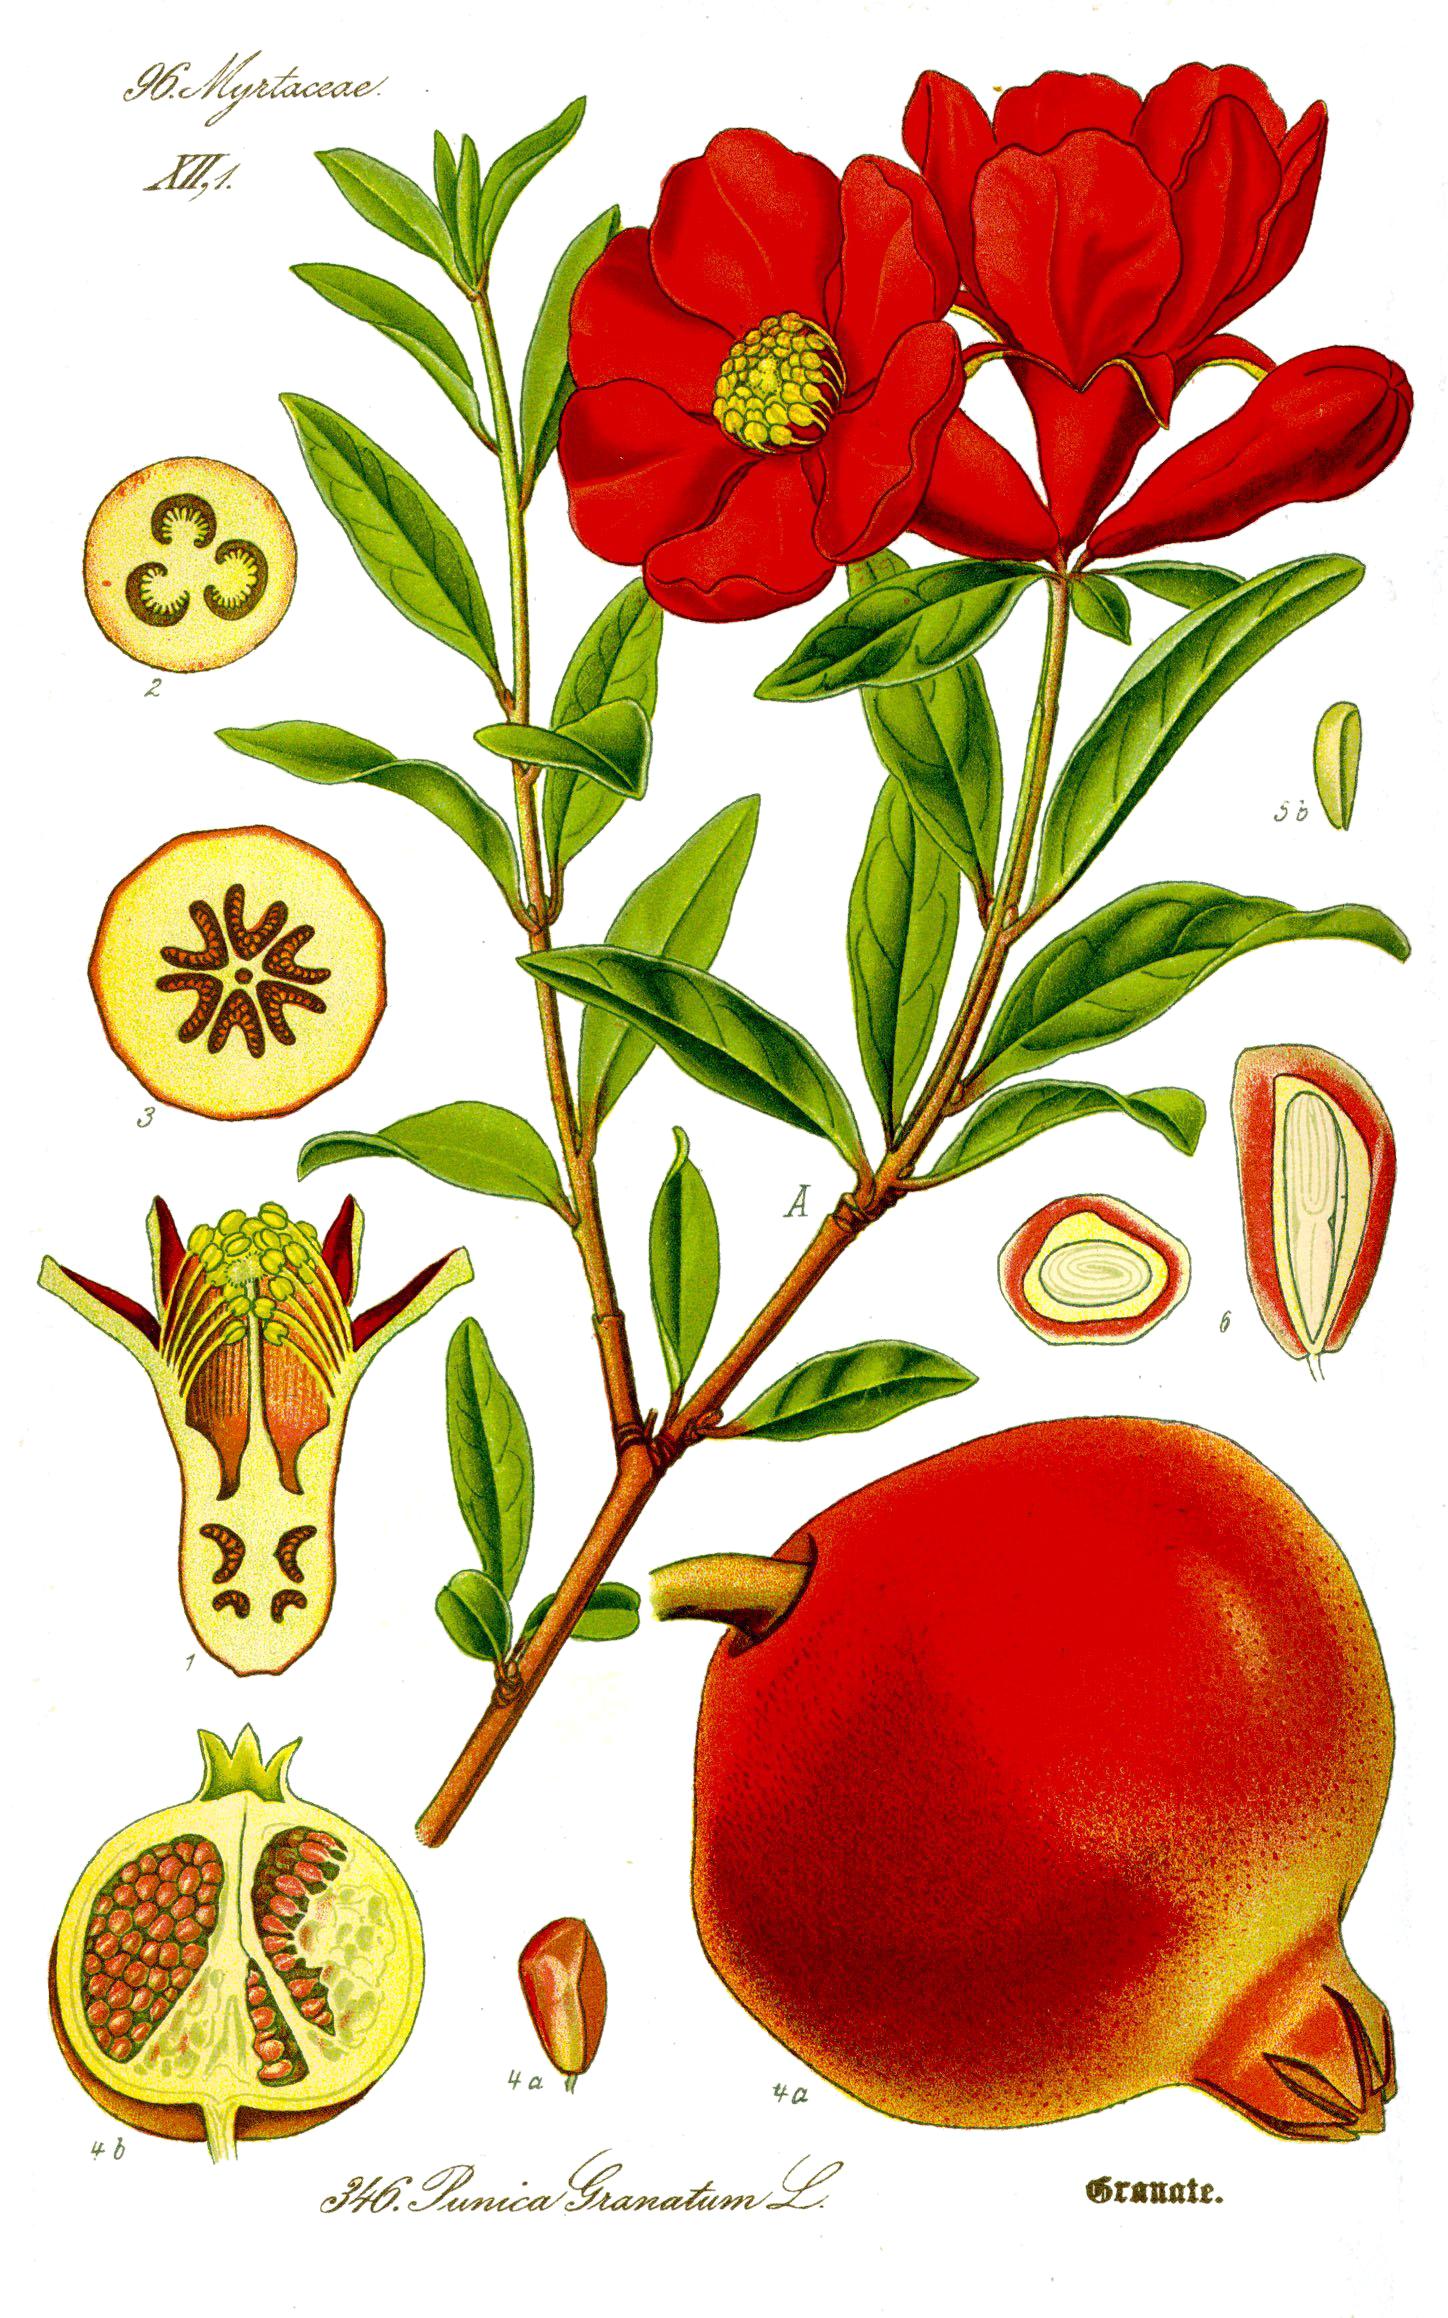 ザクロ. Illustration Punica granatum1